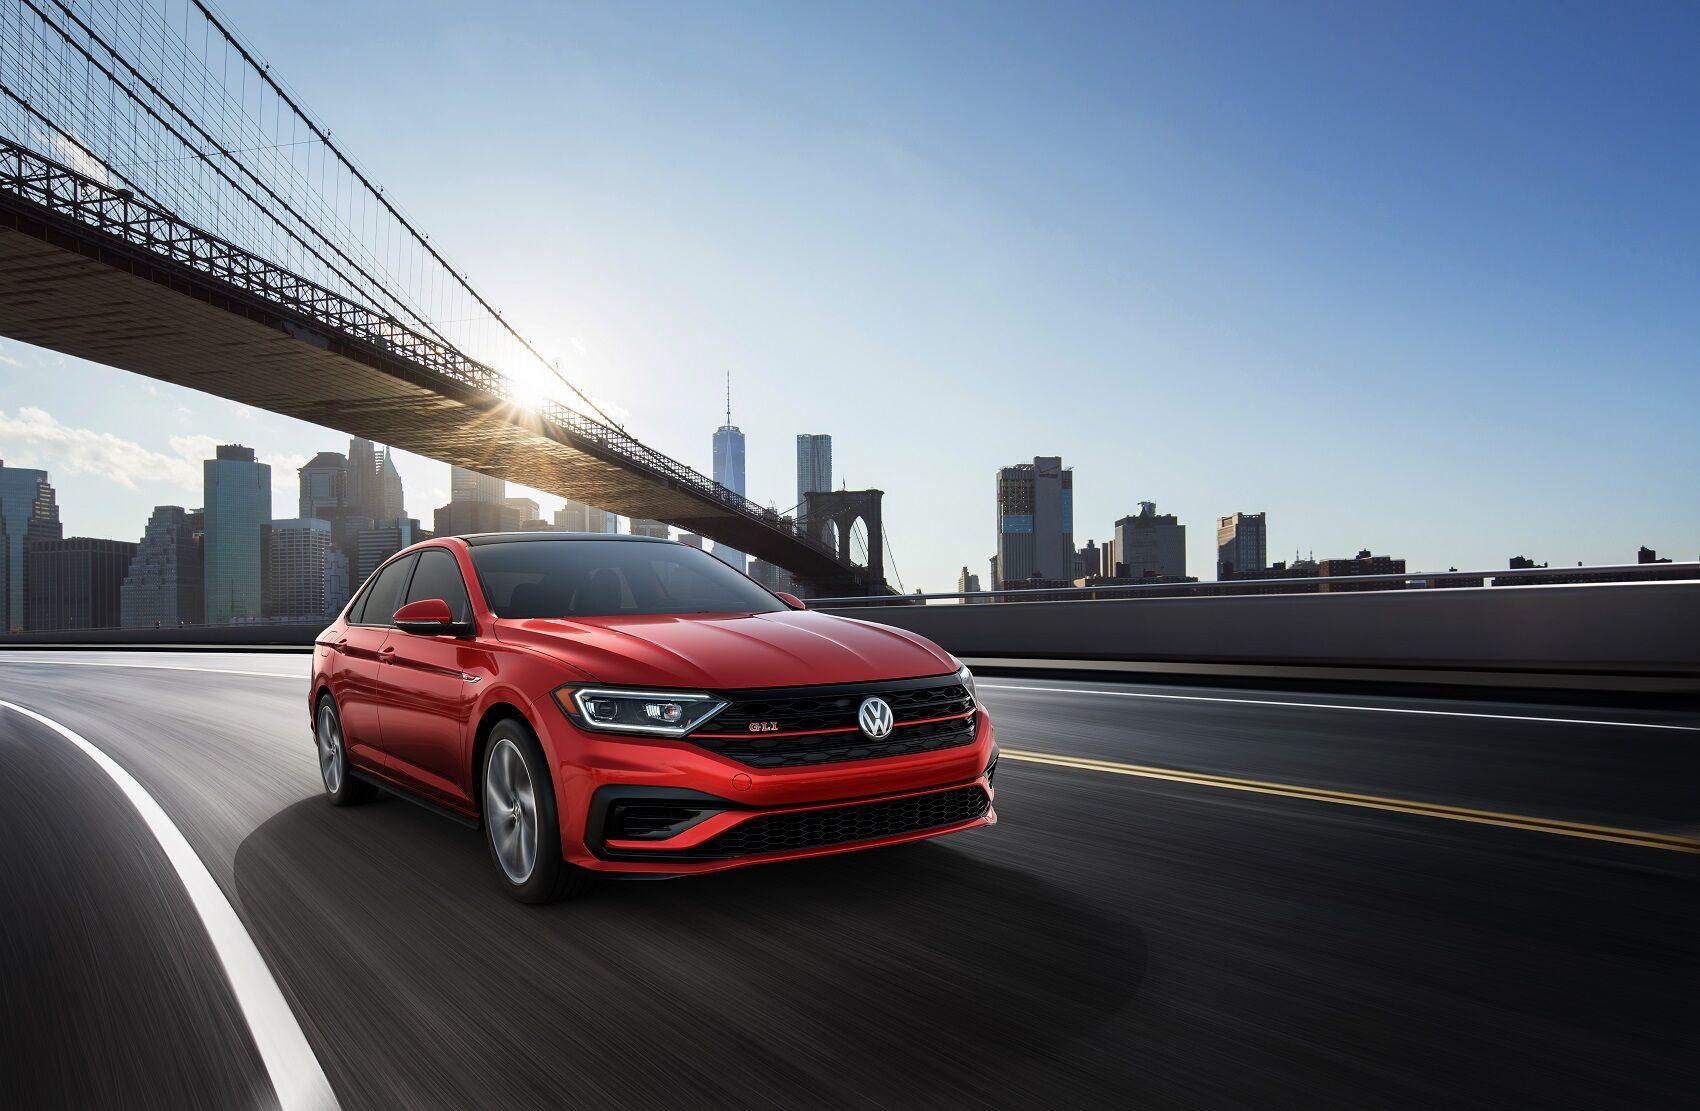 2019 Volkswagen Jetta GLI Engine Specs